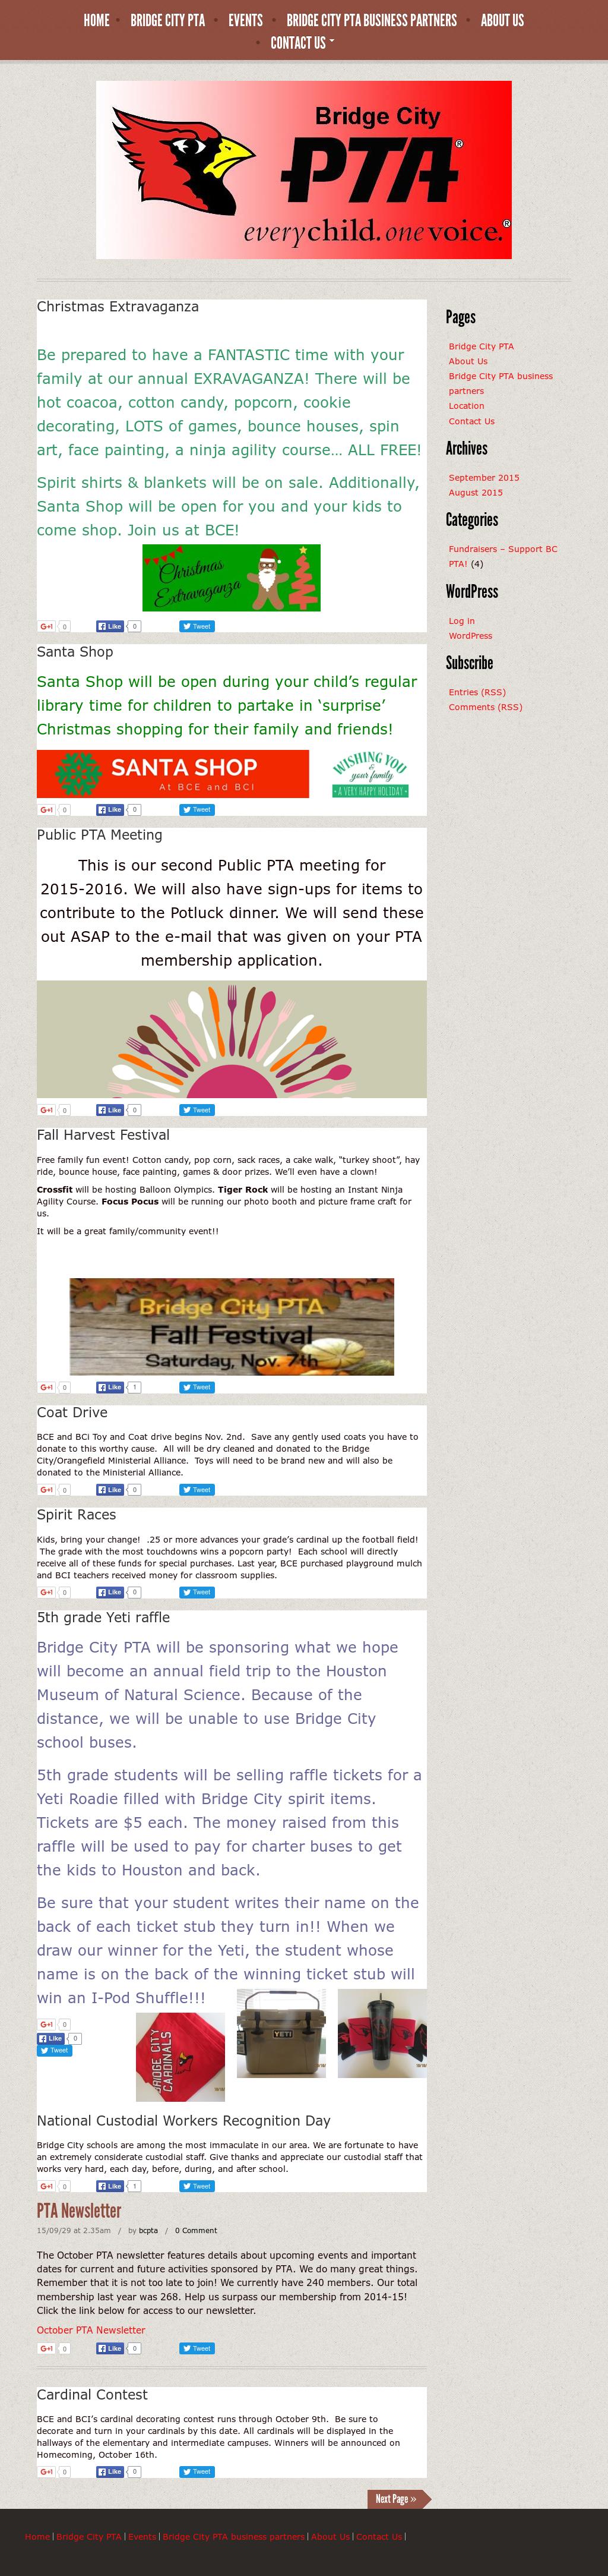 Online-Dating-Seiten in Pretoria